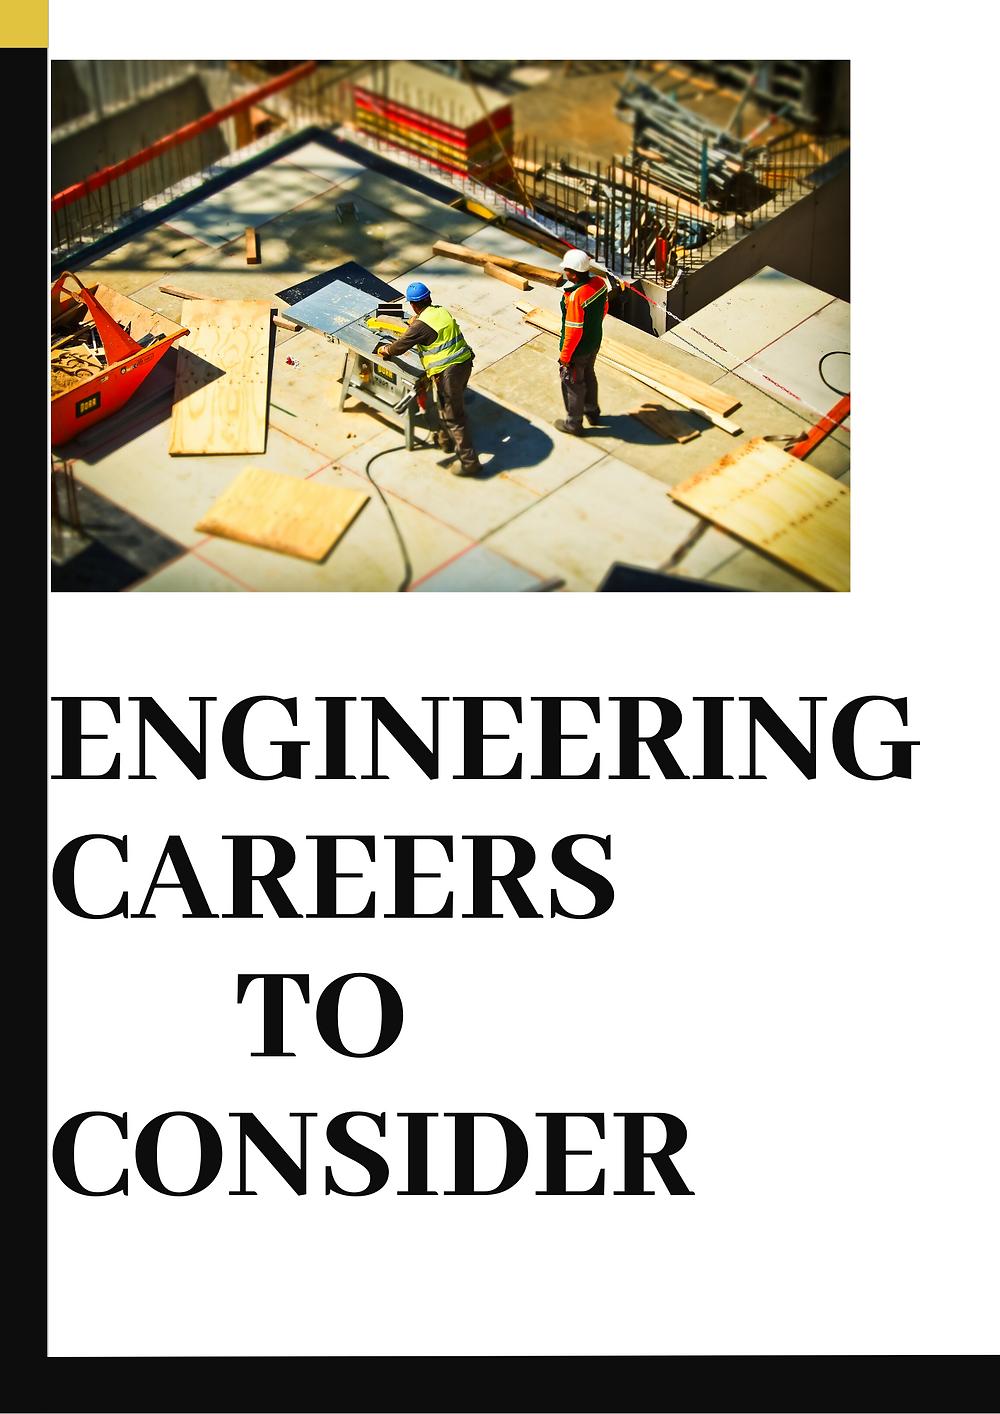 Engineering, engineer, careers, career opportunities, engineering careers.